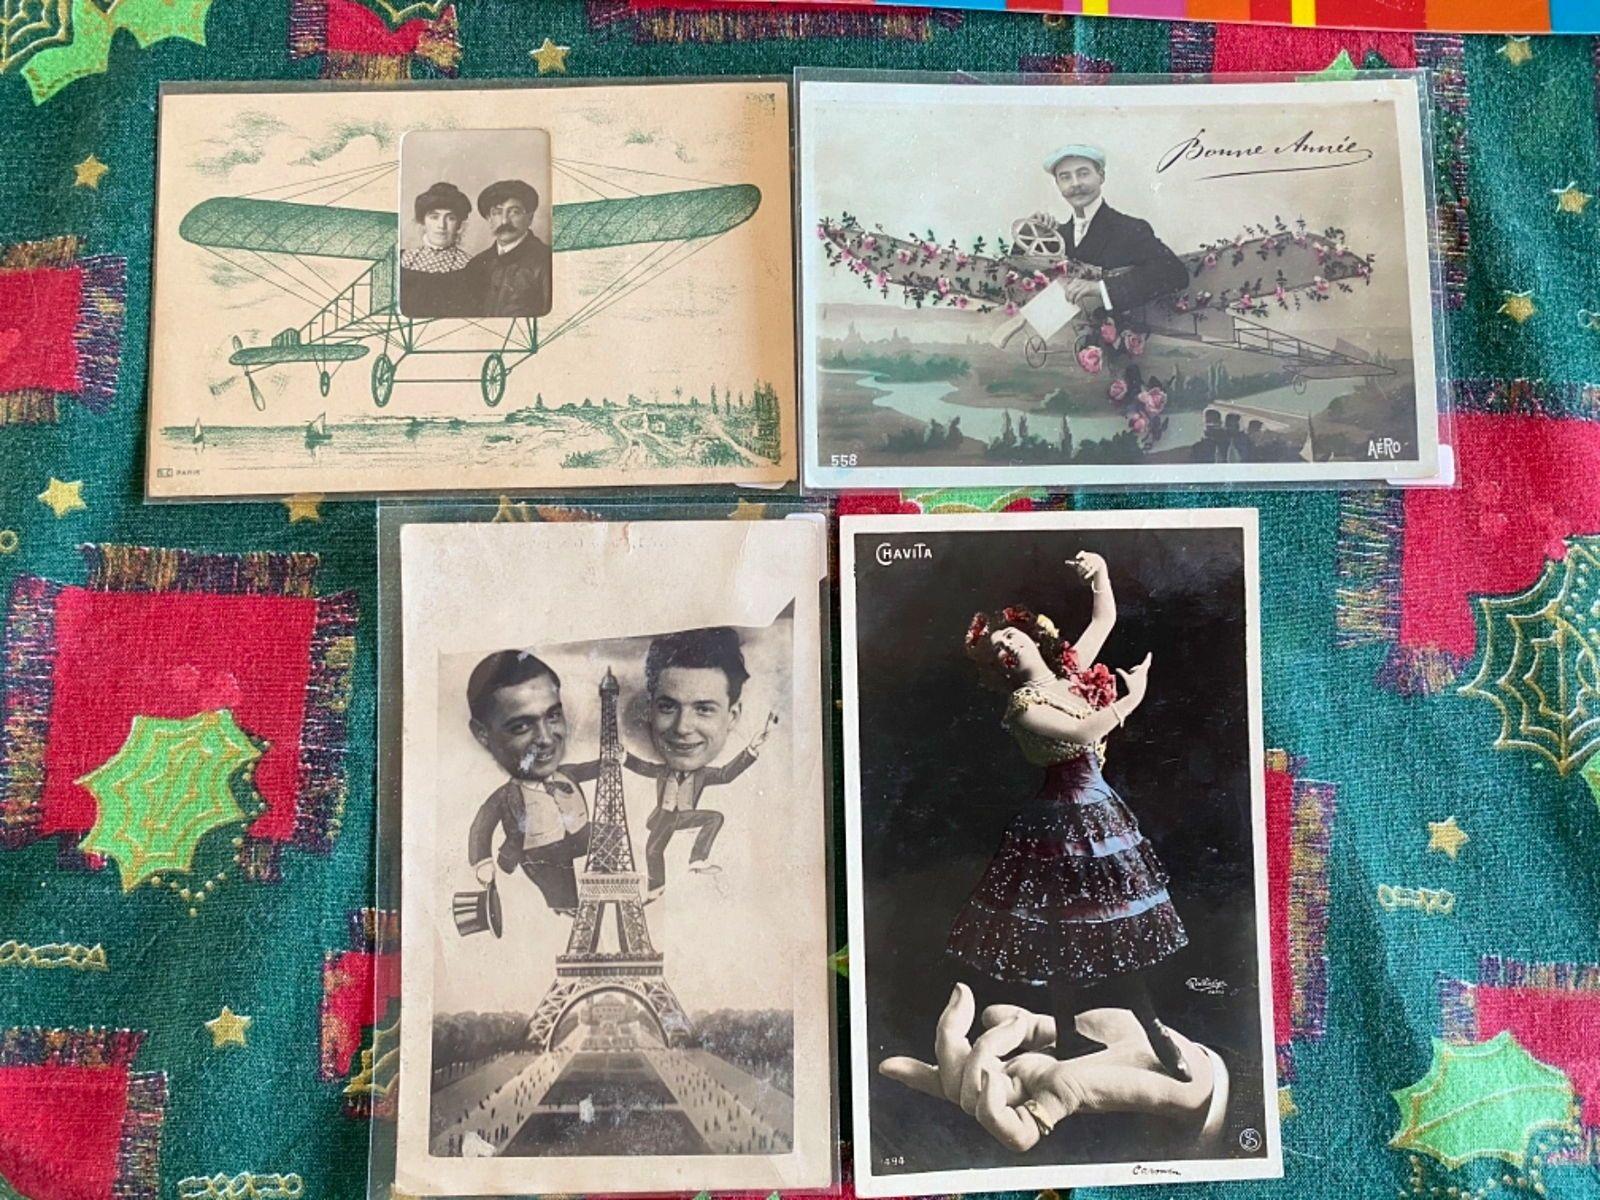 Photographie cartes postales surréalistes avion Tour Eiffel